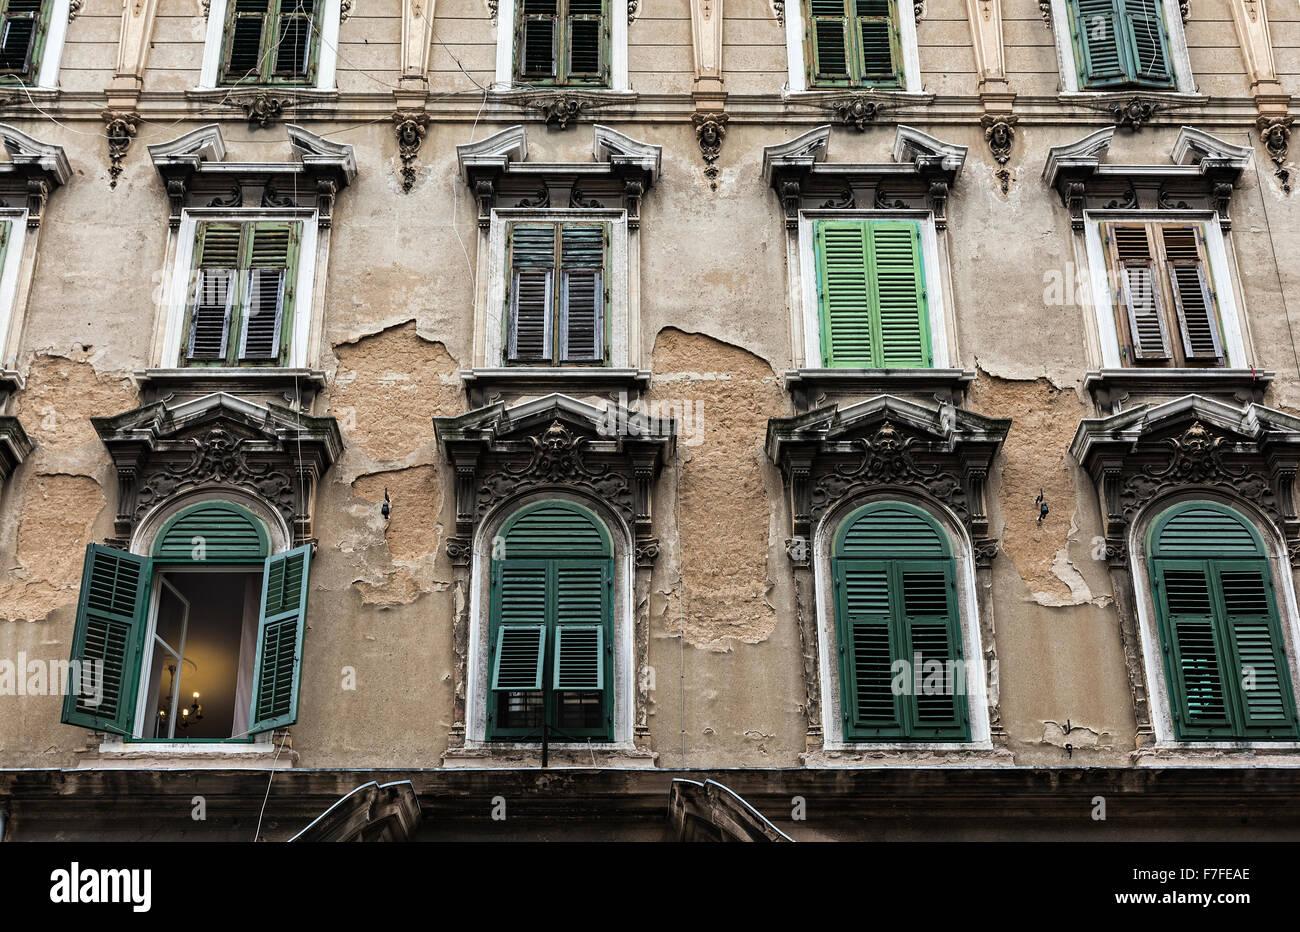 Construcción de la fachada con ventanas con persianas, Rijeka, Croacia Imagen De Stock